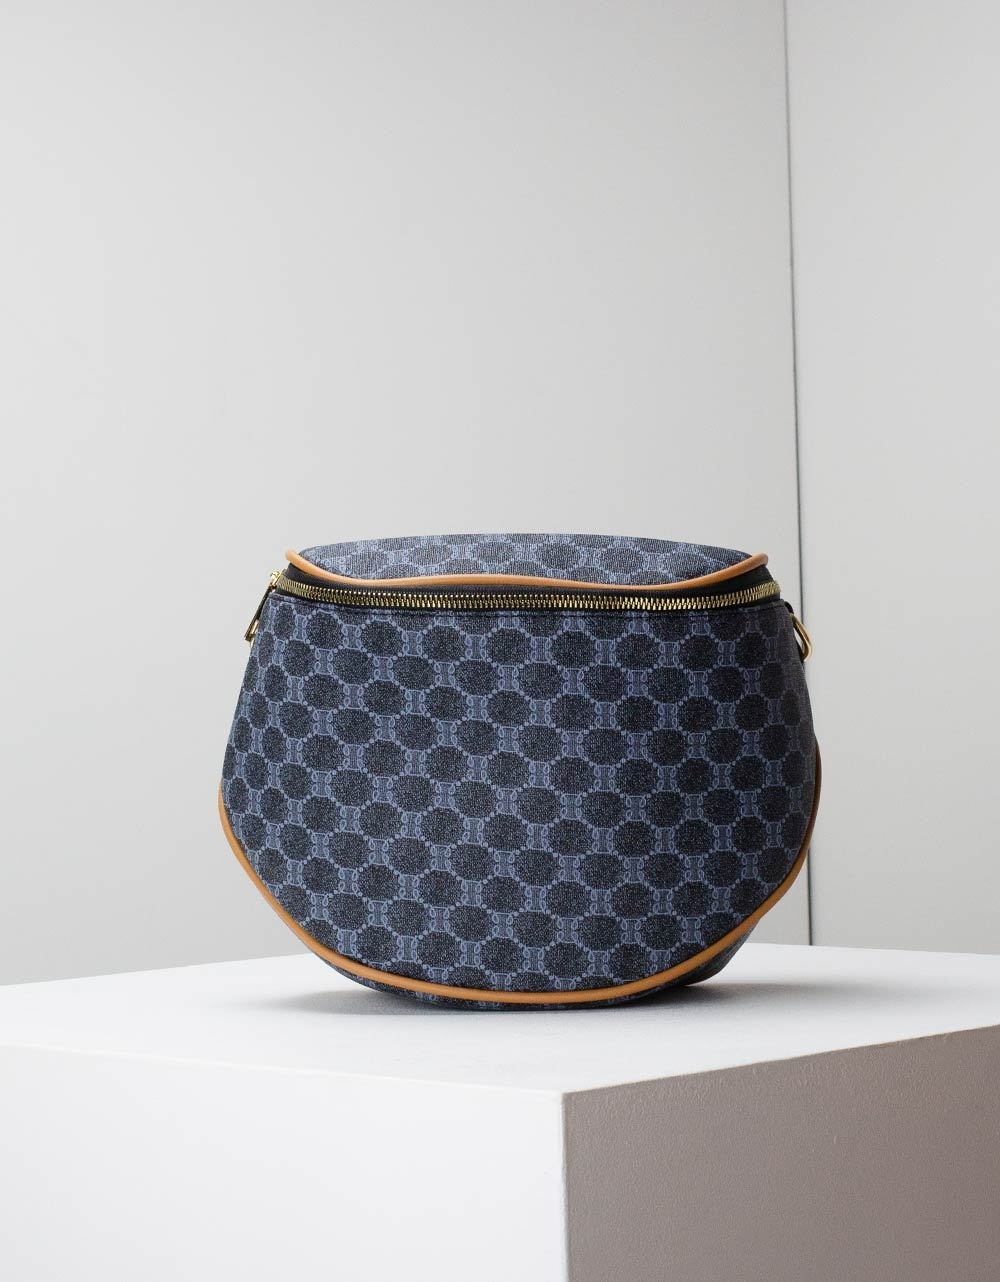 Εικόνα από Γυναικεία τσάντα ώμου με λεπτομέρειες Μπλε